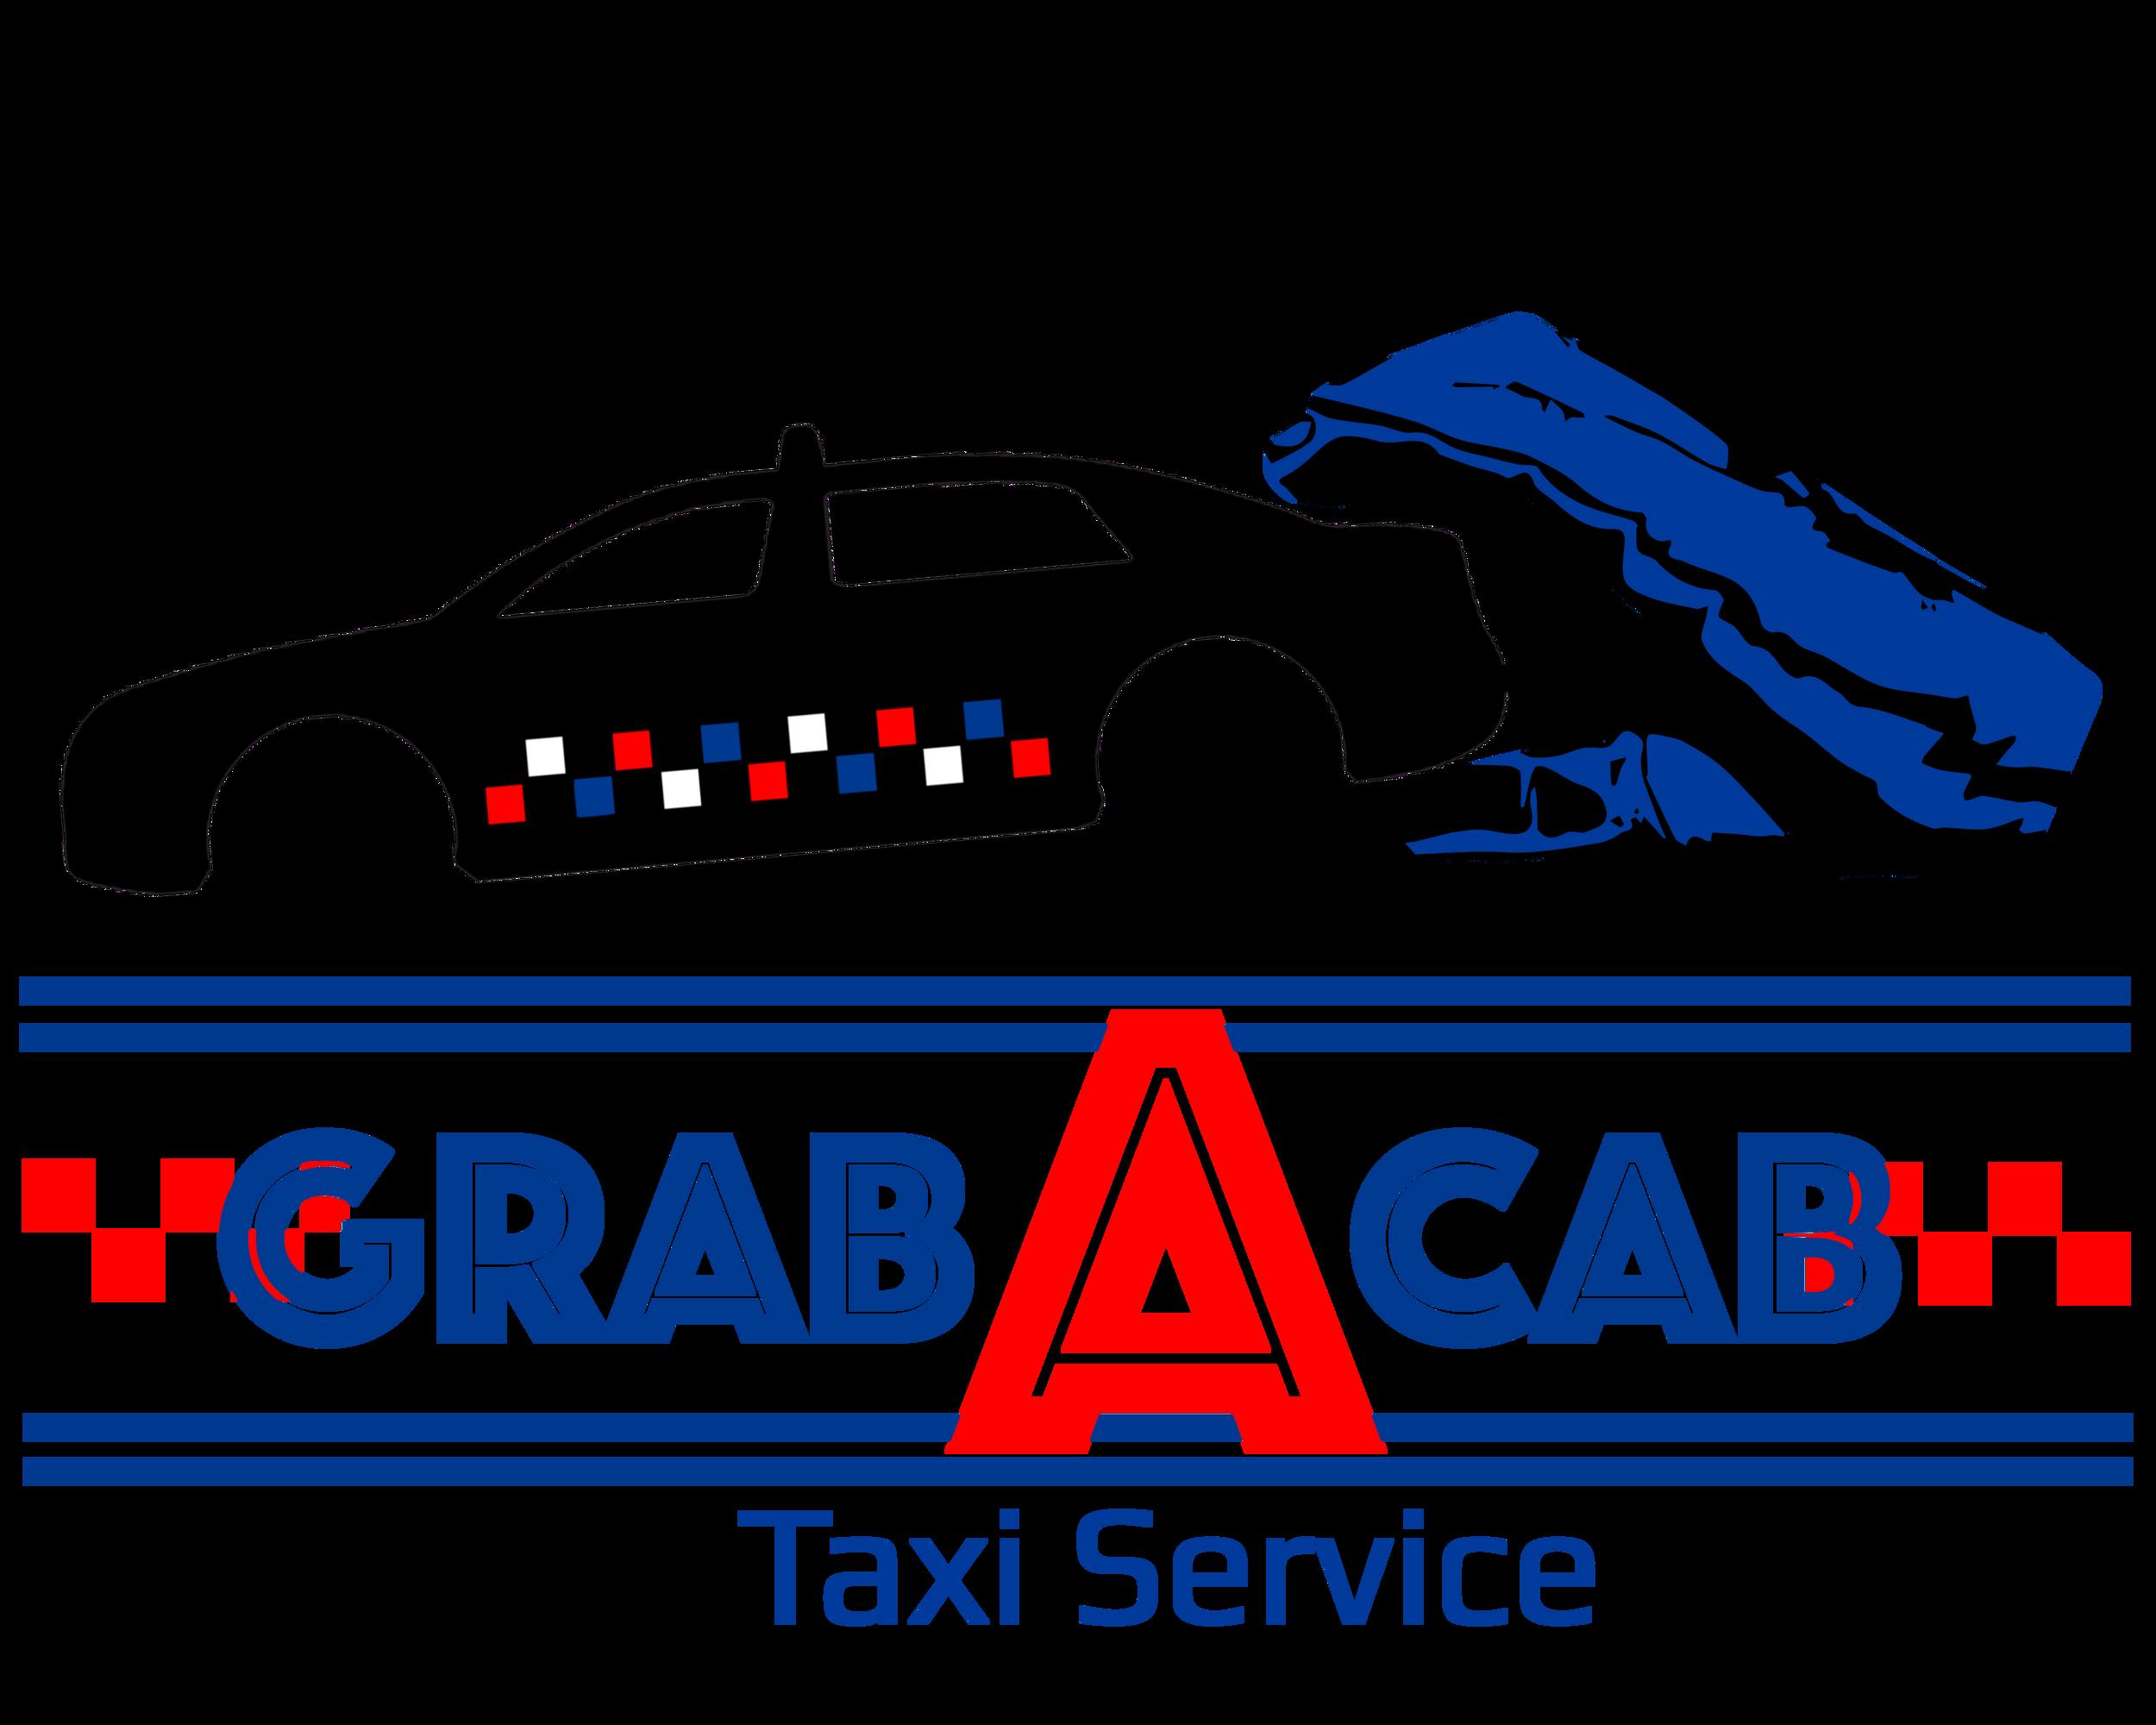 Grab A Cab Taxi Service logo